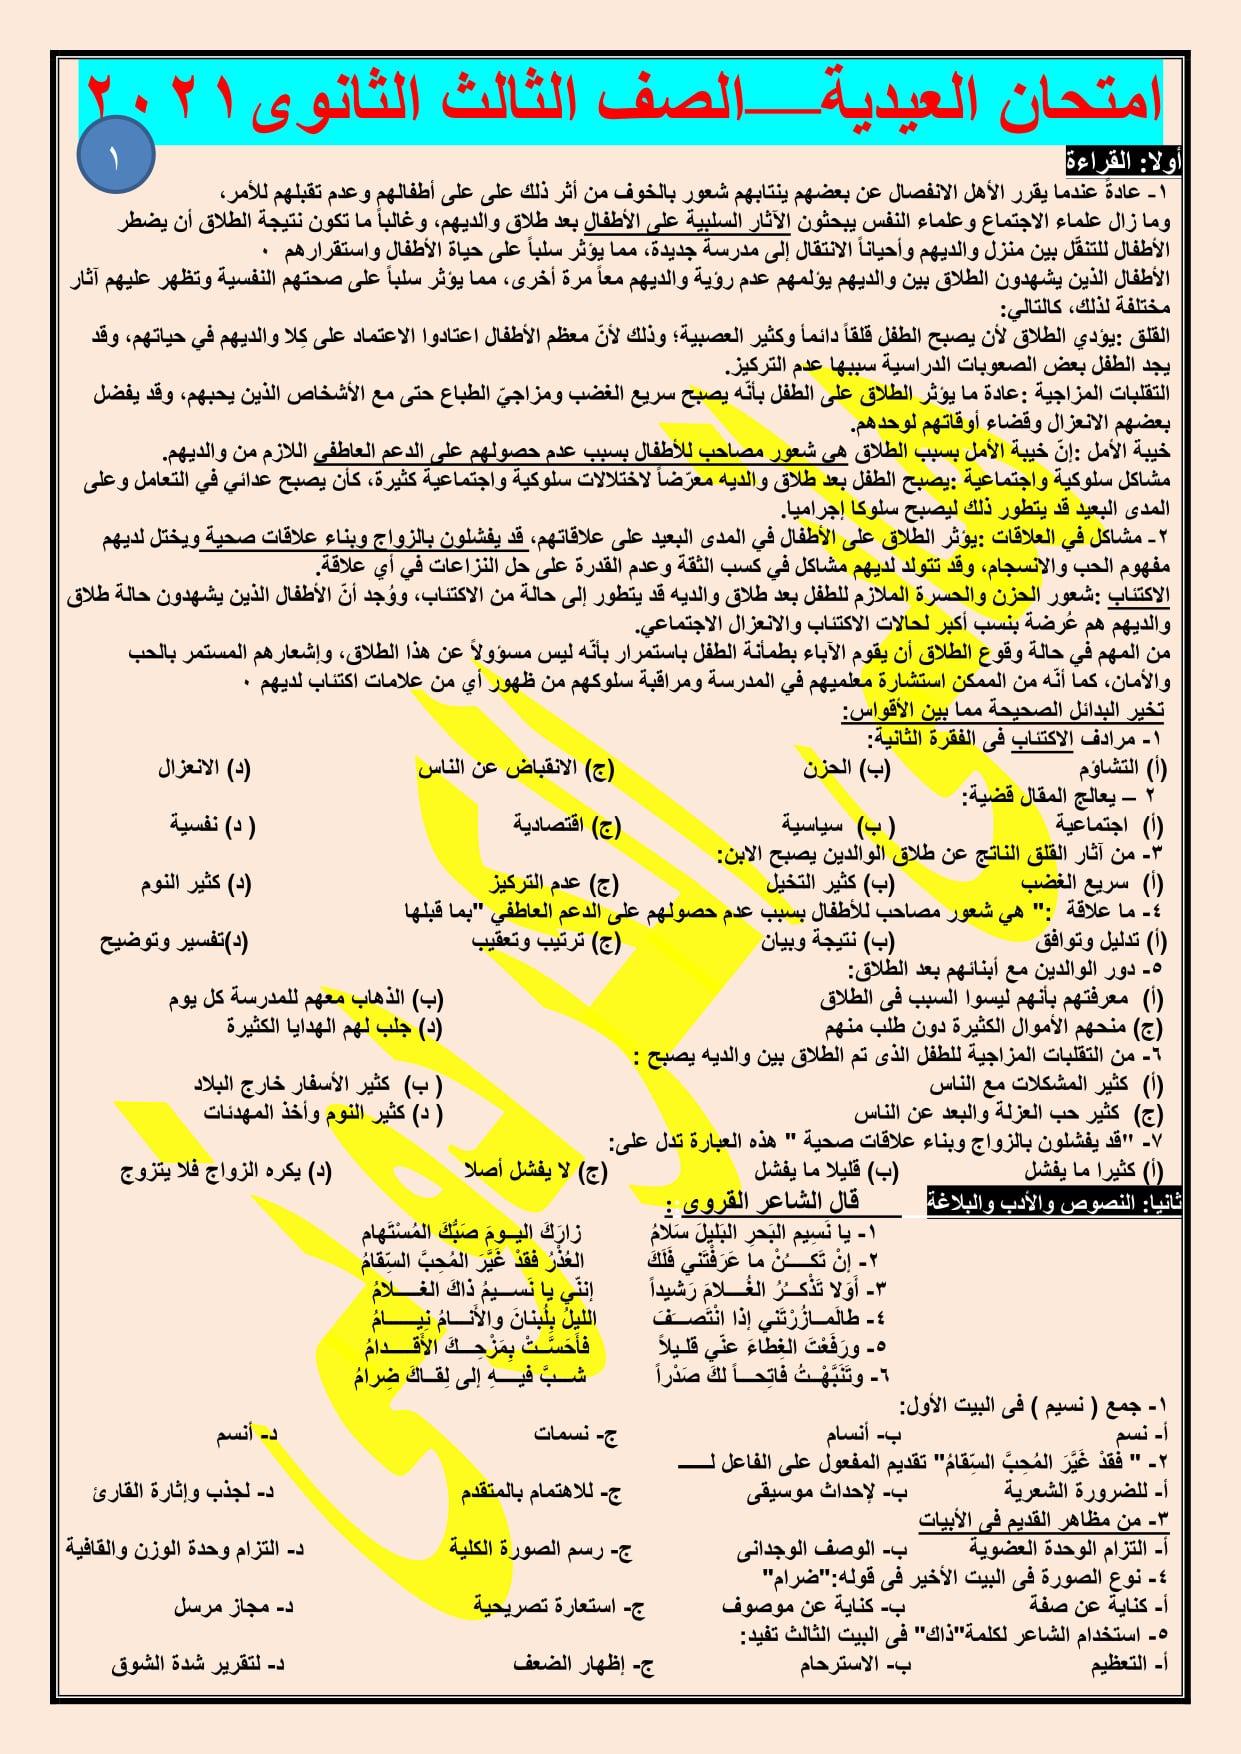 2 نموذج امتحان لغة عربية مجاب للصف الثالث الثانوي 2021 أ/ هاني الكردوني 12